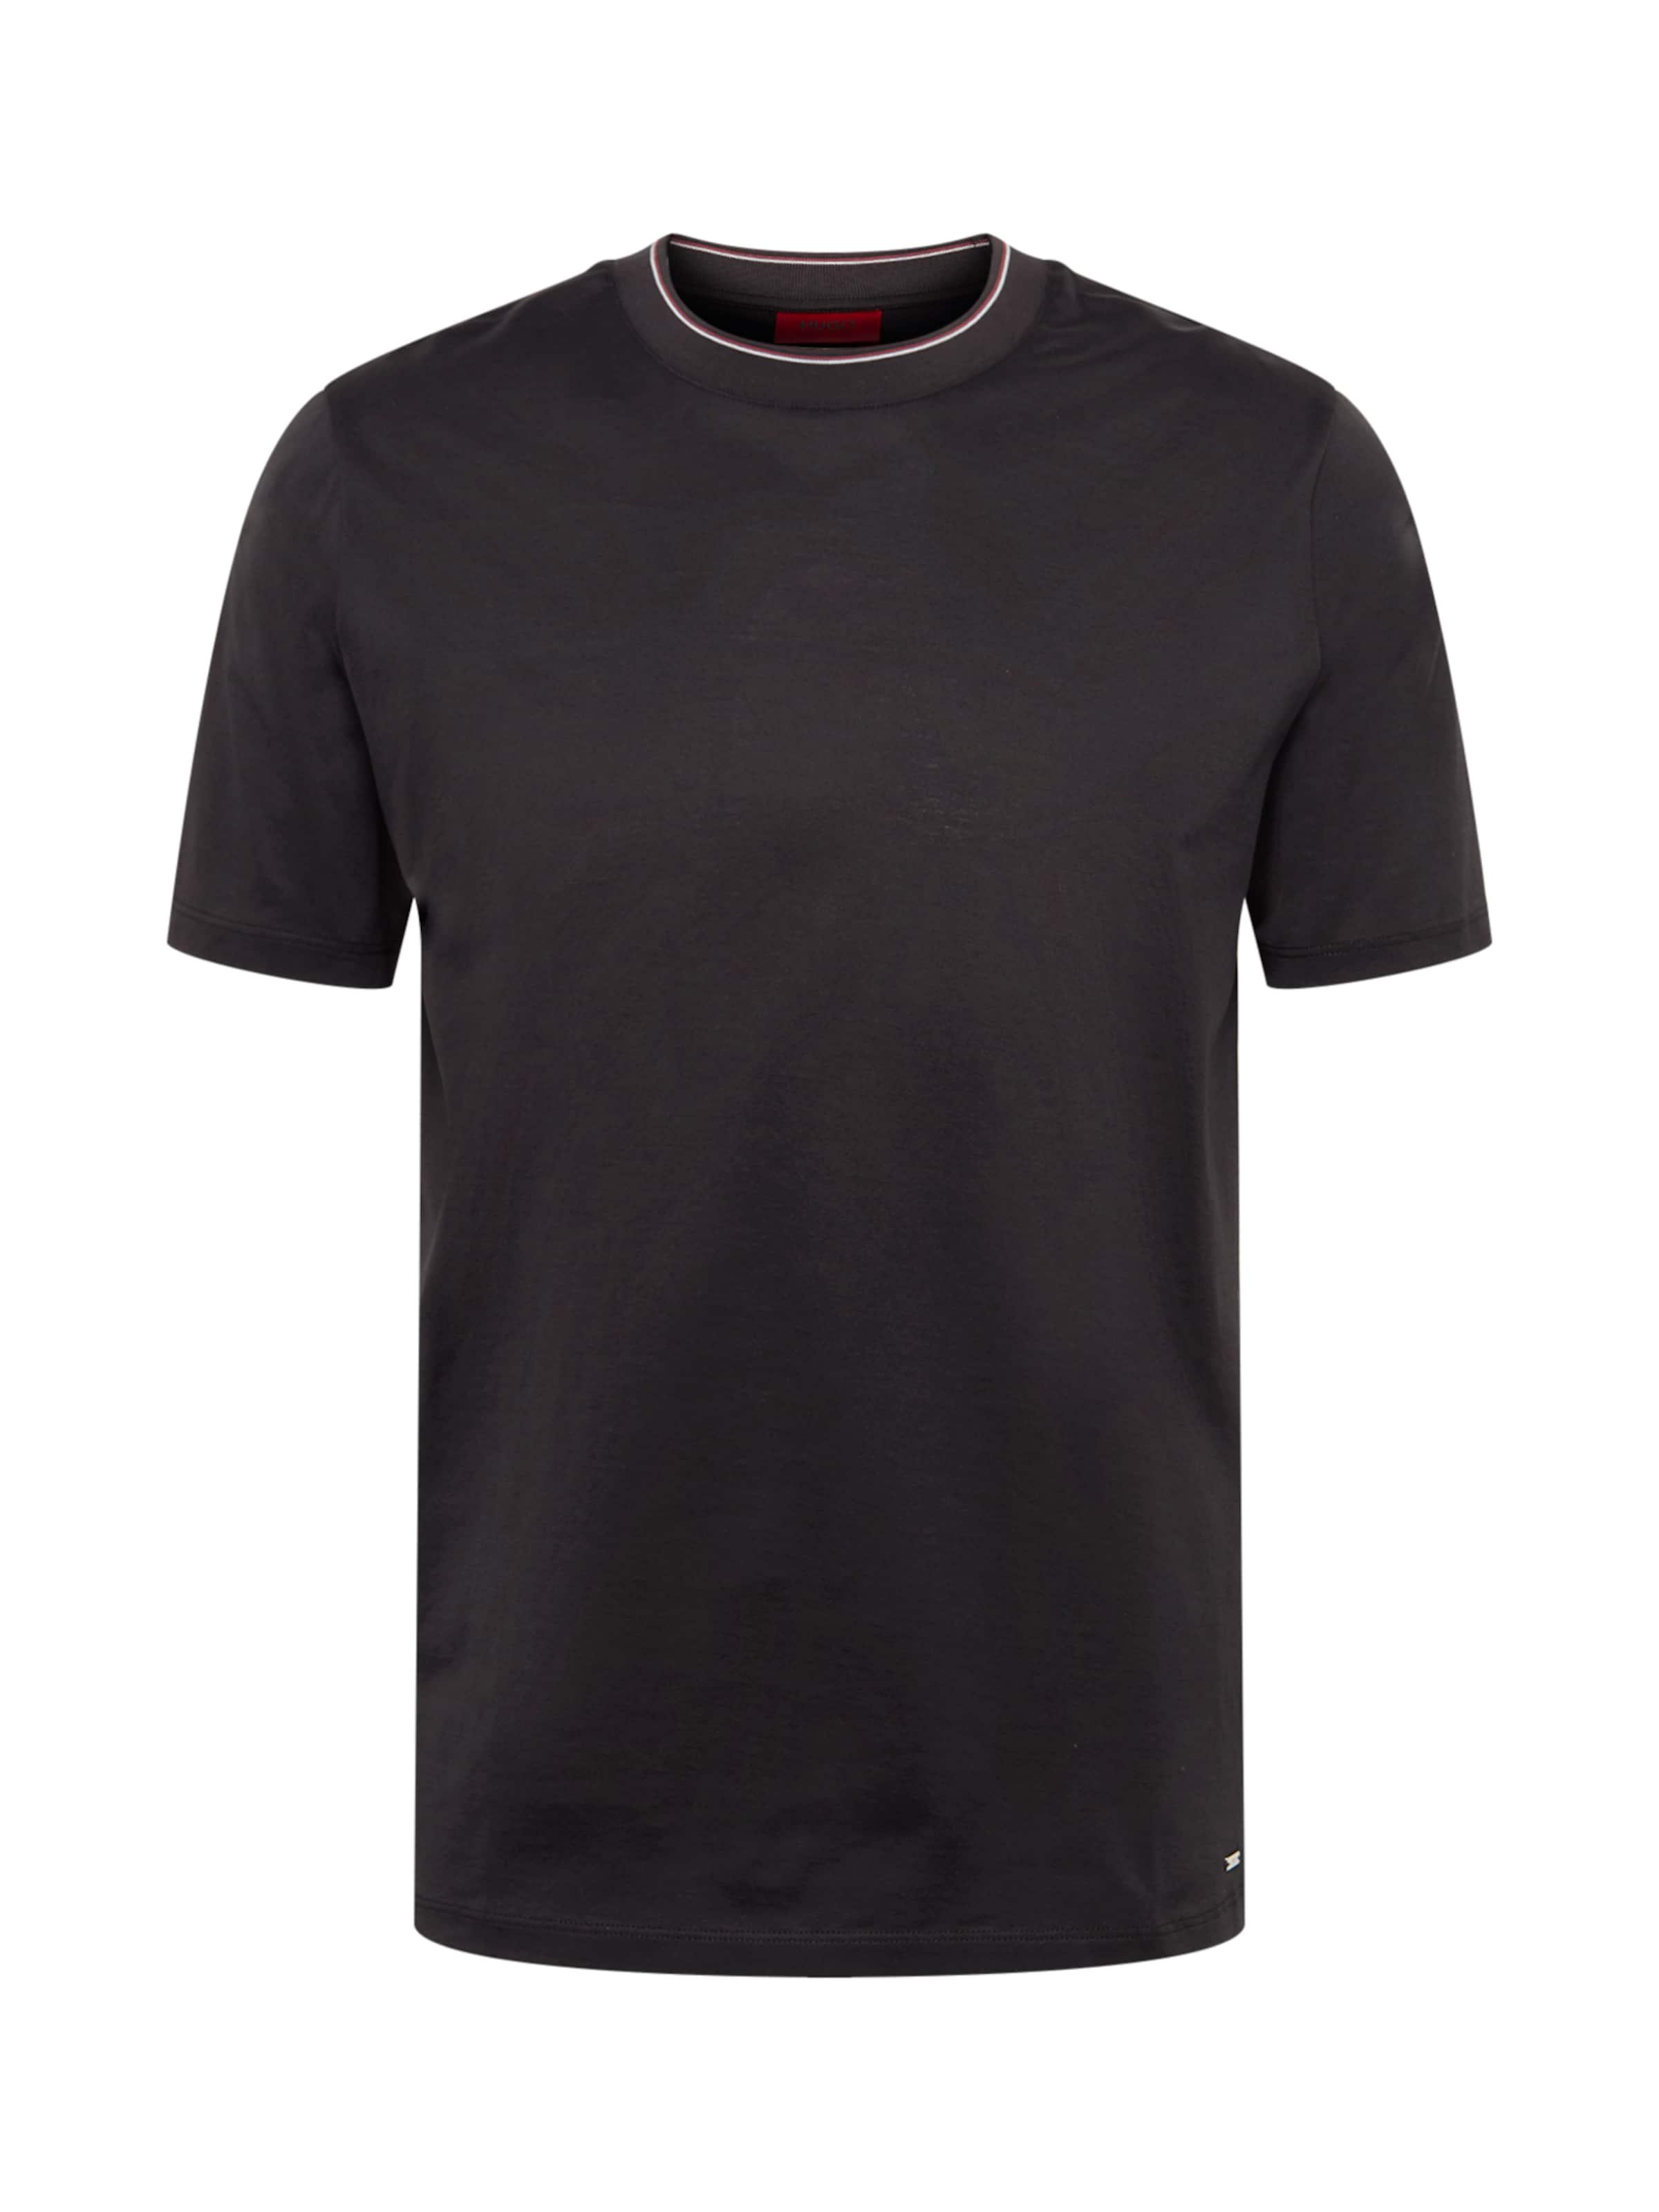 In Hugo Shirt Shirt 'damiens' 'damiens' Hugo Schwarz tshCxrQd